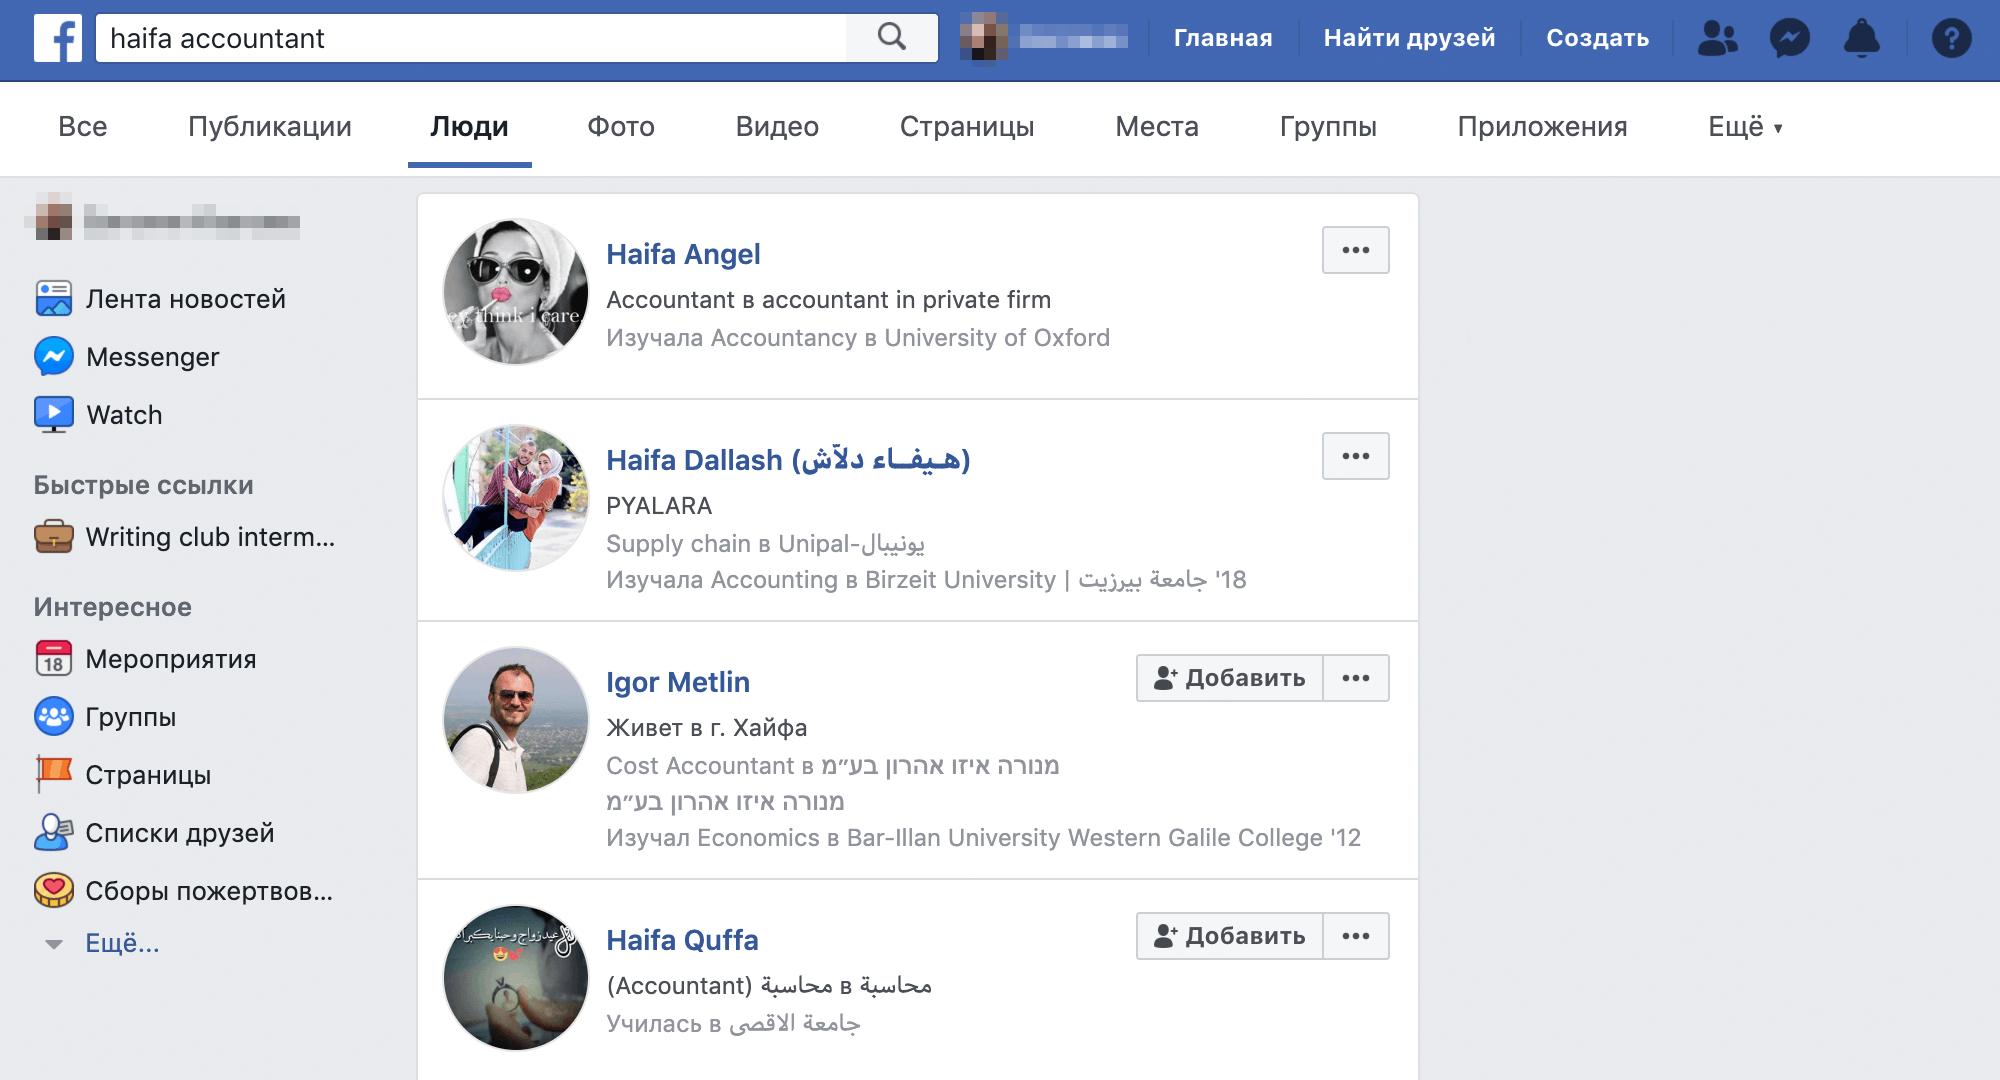 Бухгалтера ищут через Фейсбук, сарафанное радио или Гугл. Именно в таком порядке